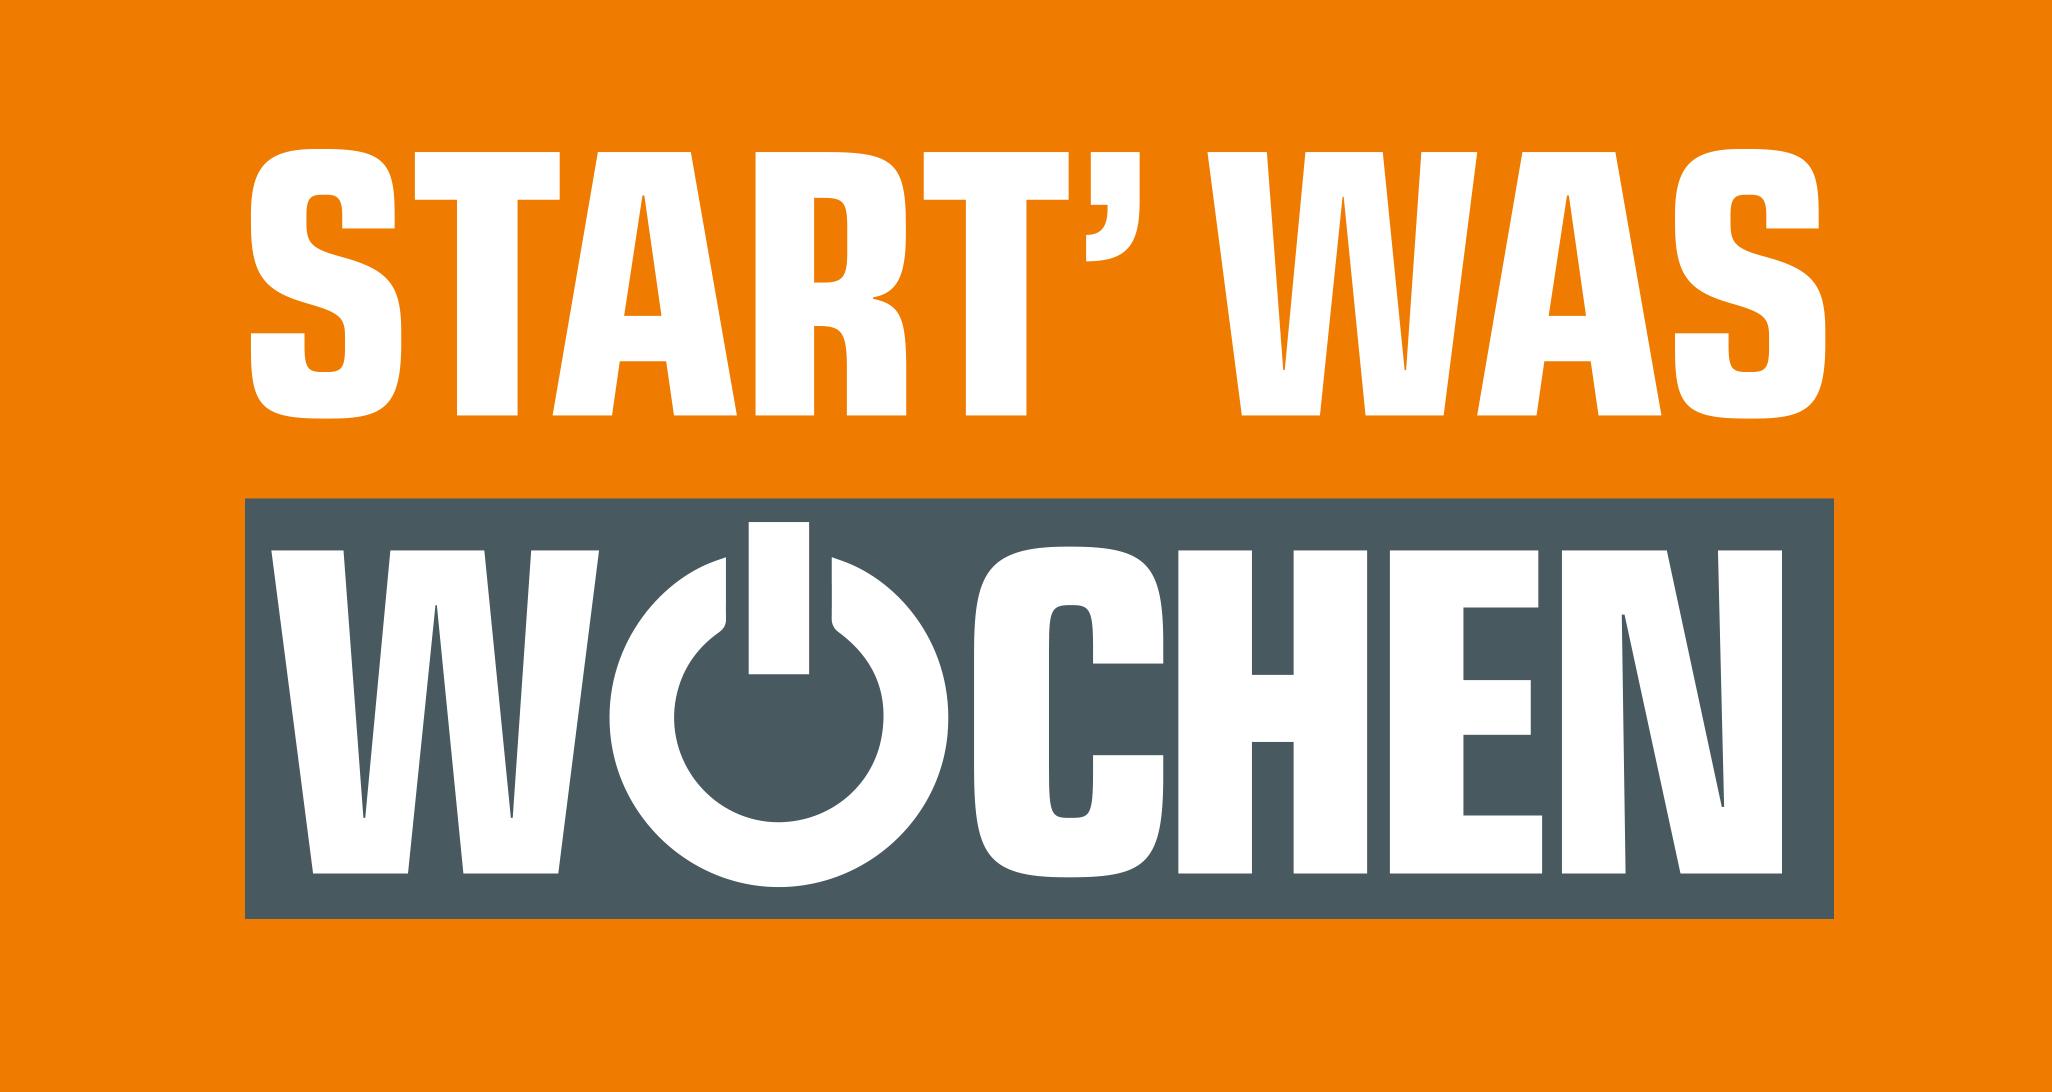 DEAL ONLINE:  Start'was Wochen: LG 4K OLED TV 55 B 7 D PLUS 150,- EUR GUTSCHEIN —— Versandkostenfrei!!!